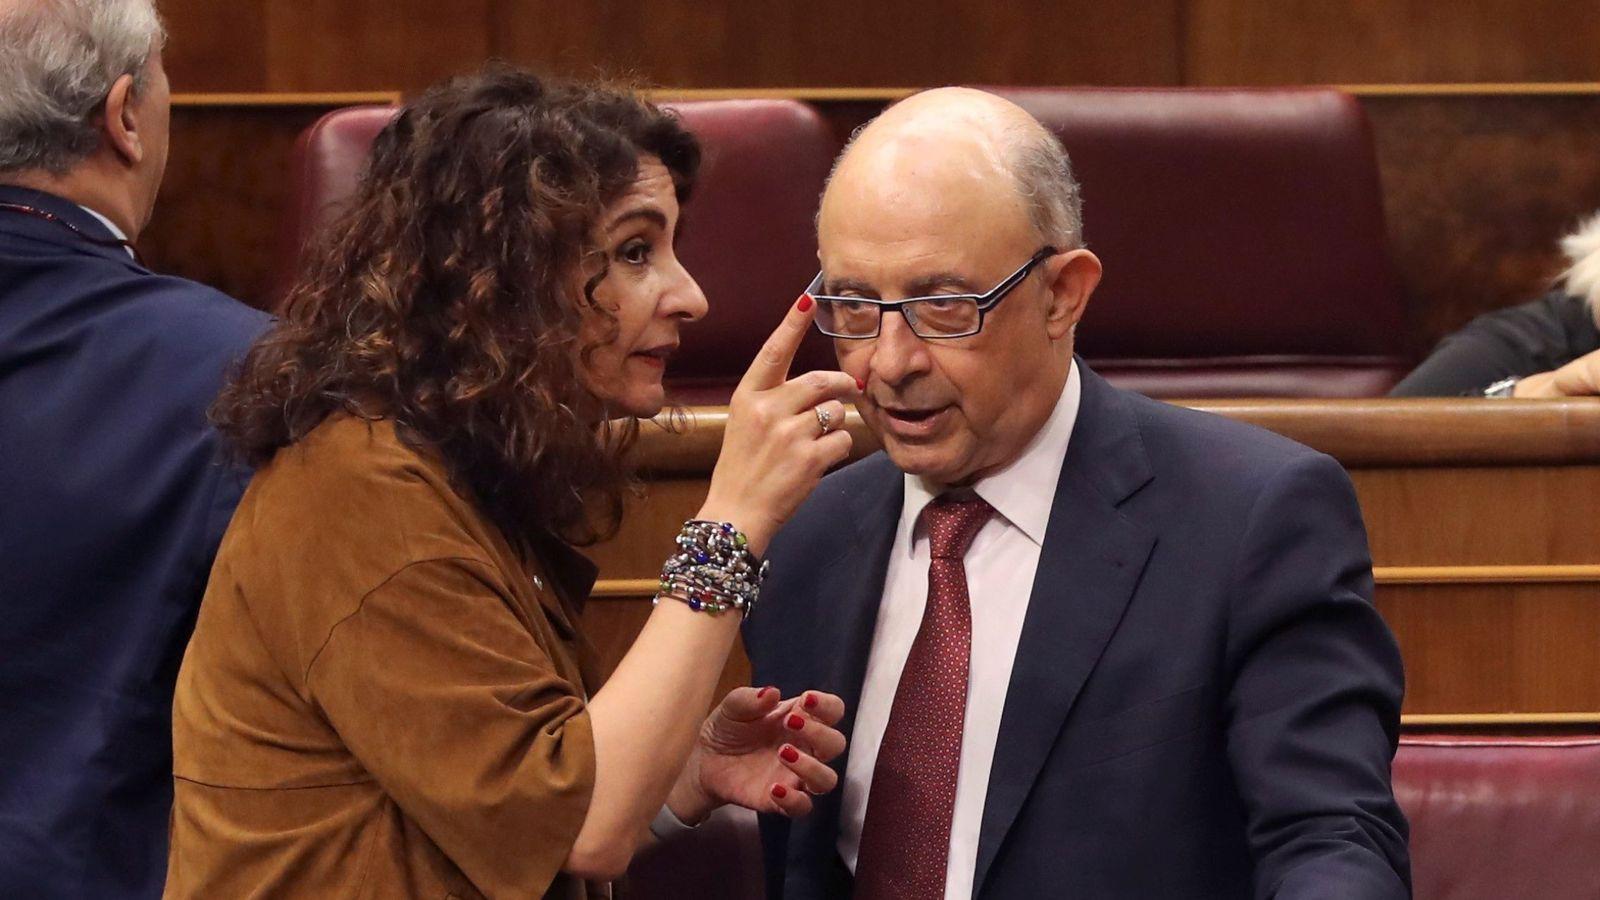 Foto: La ministra de Hacienda, María Jesús Montero, dialoga con el exministro, Cristóbal Montoro. (EFE)